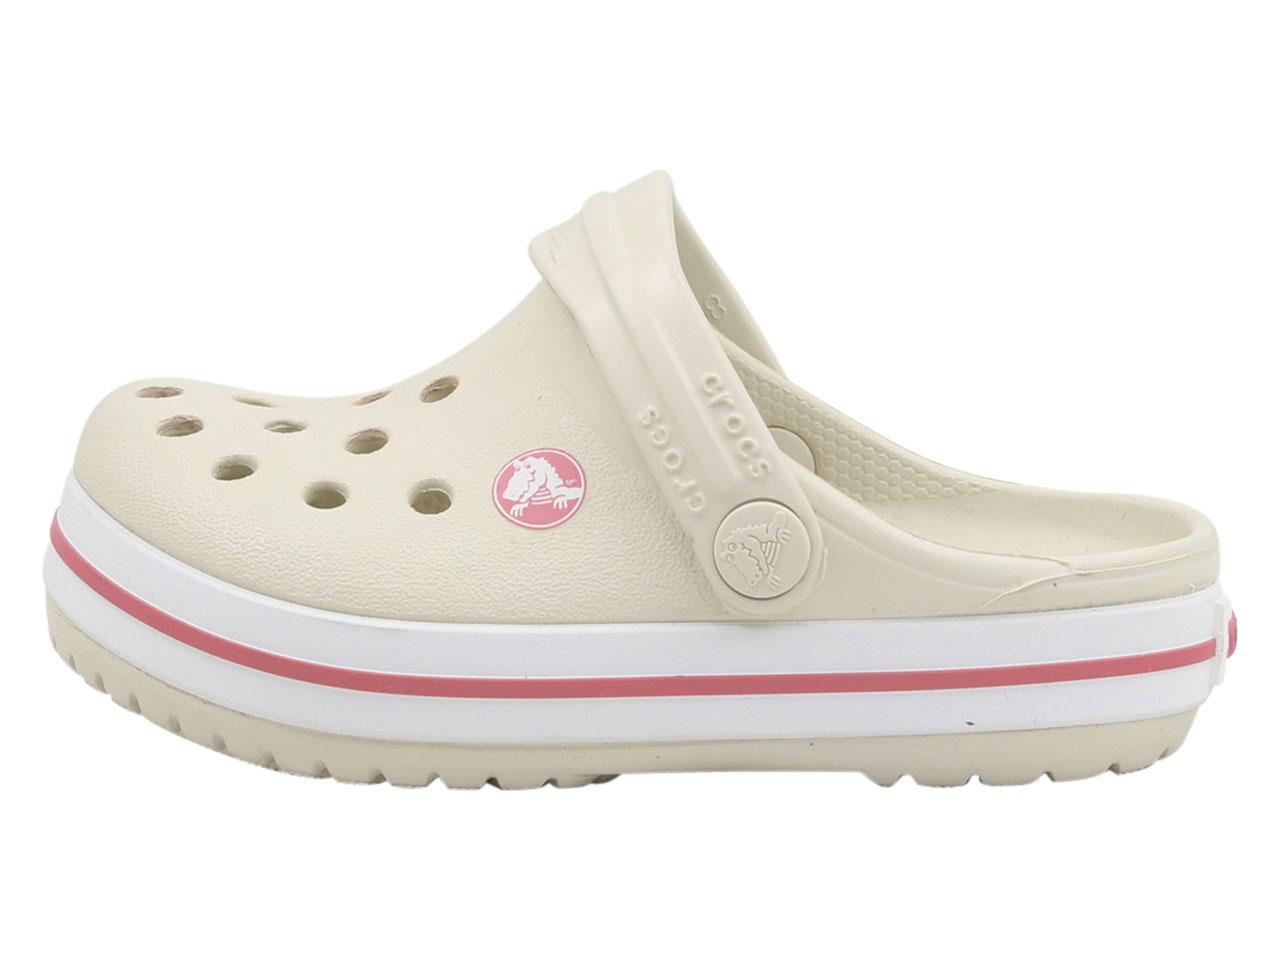 Crocs-Little-Kid-039-s-Crocband-Clogs-Sandals-Shoes thumbnail 24